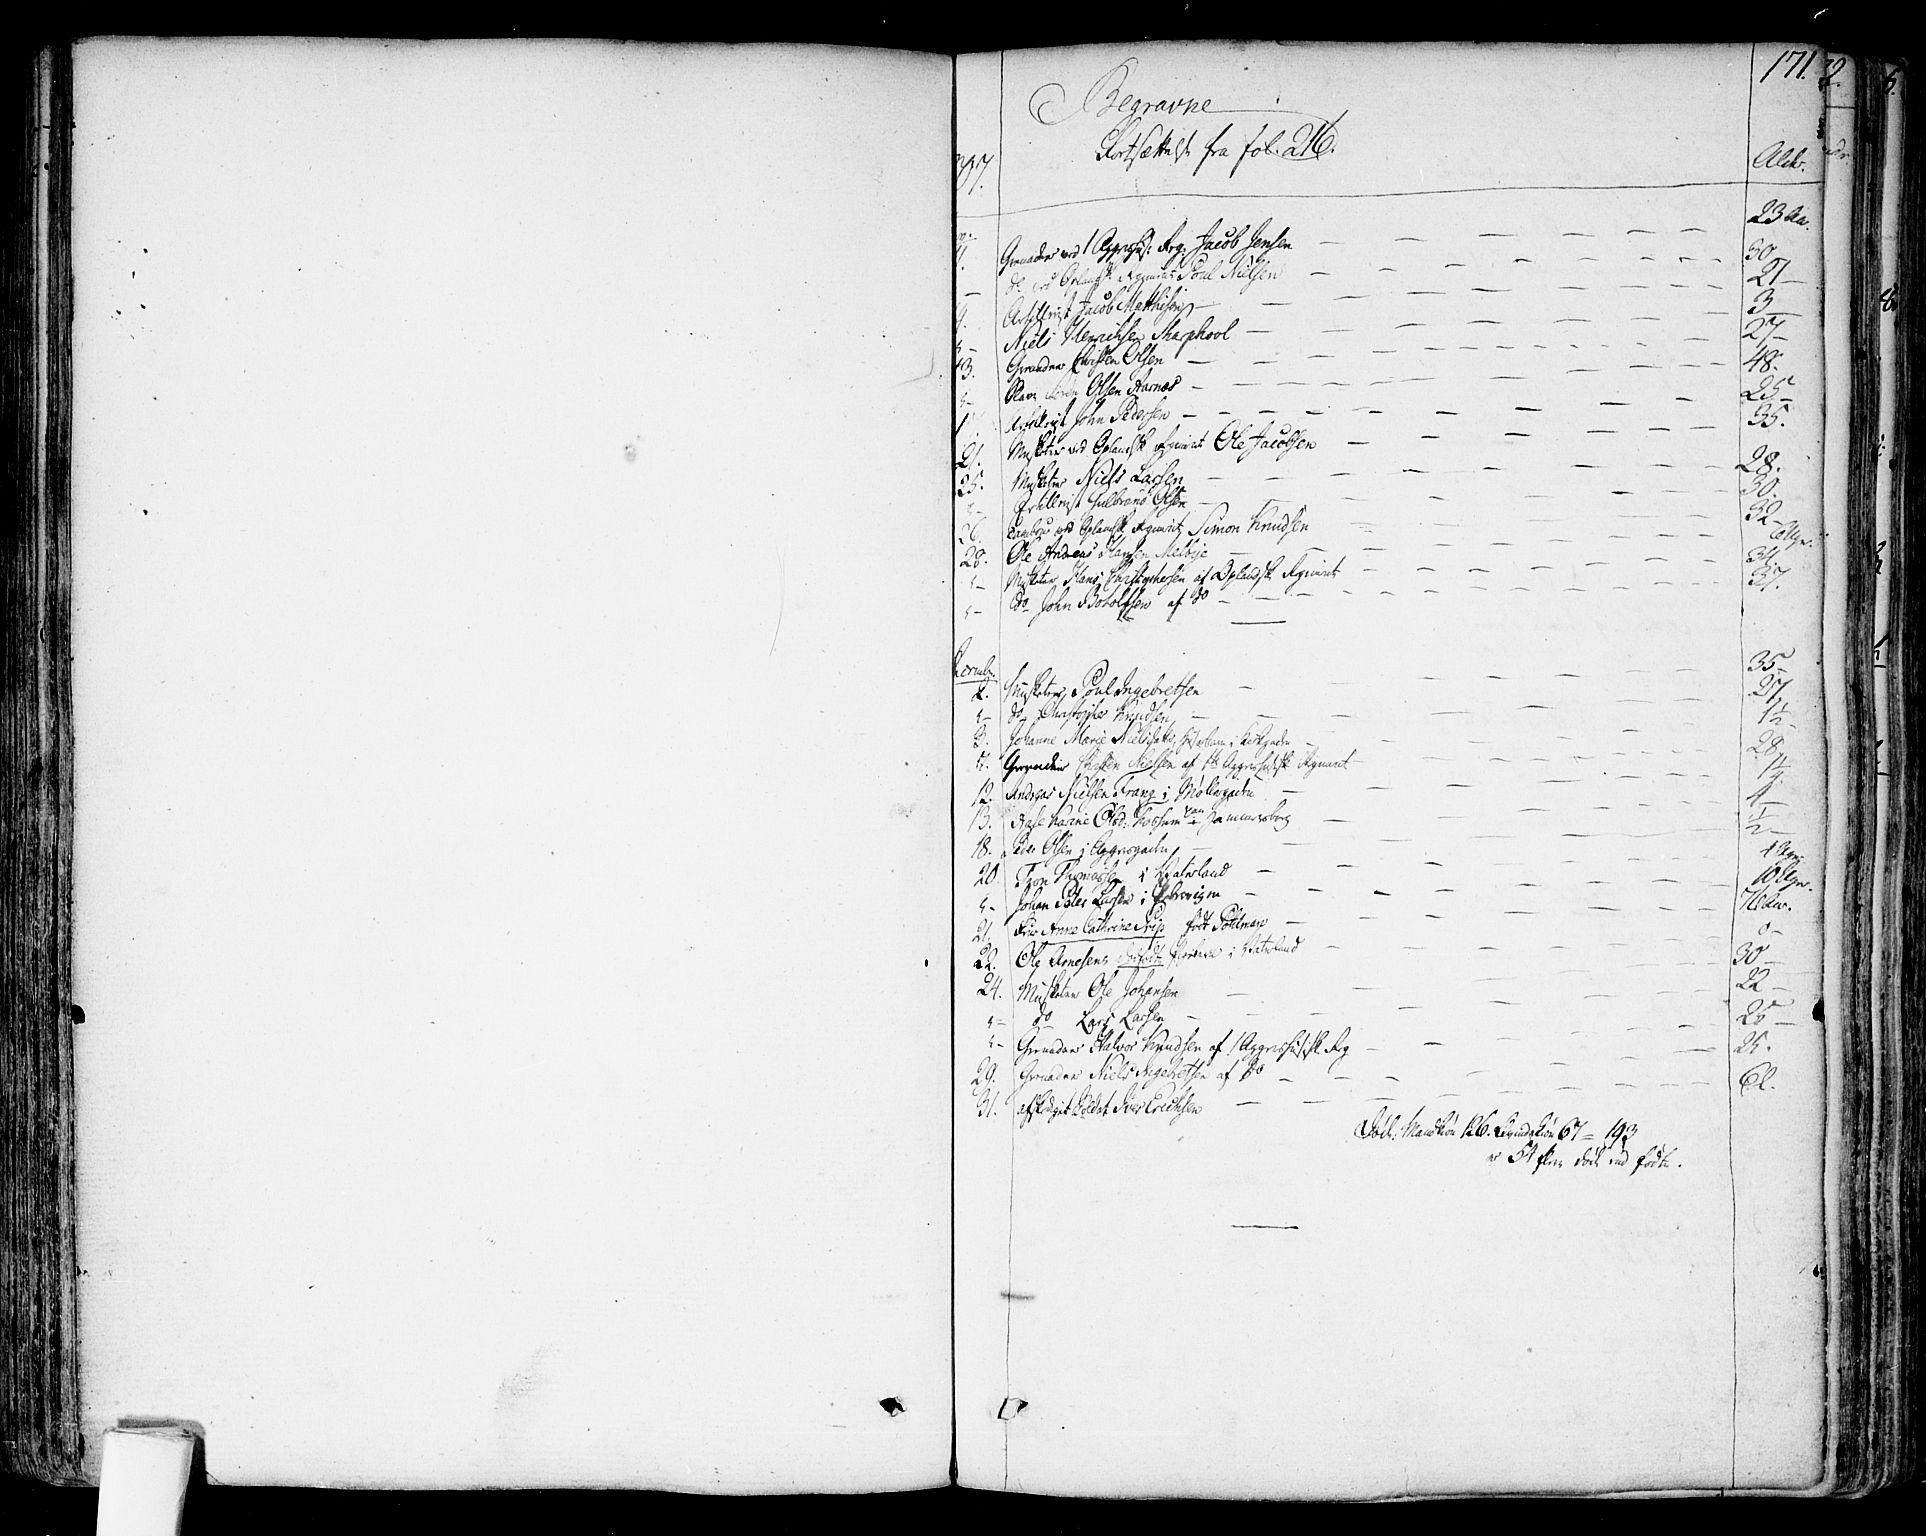 SAO, Garnisonsmenigheten Kirkebøker, F/Fa/L0003: Parish register (official) no. 3, 1777-1809, p. 171